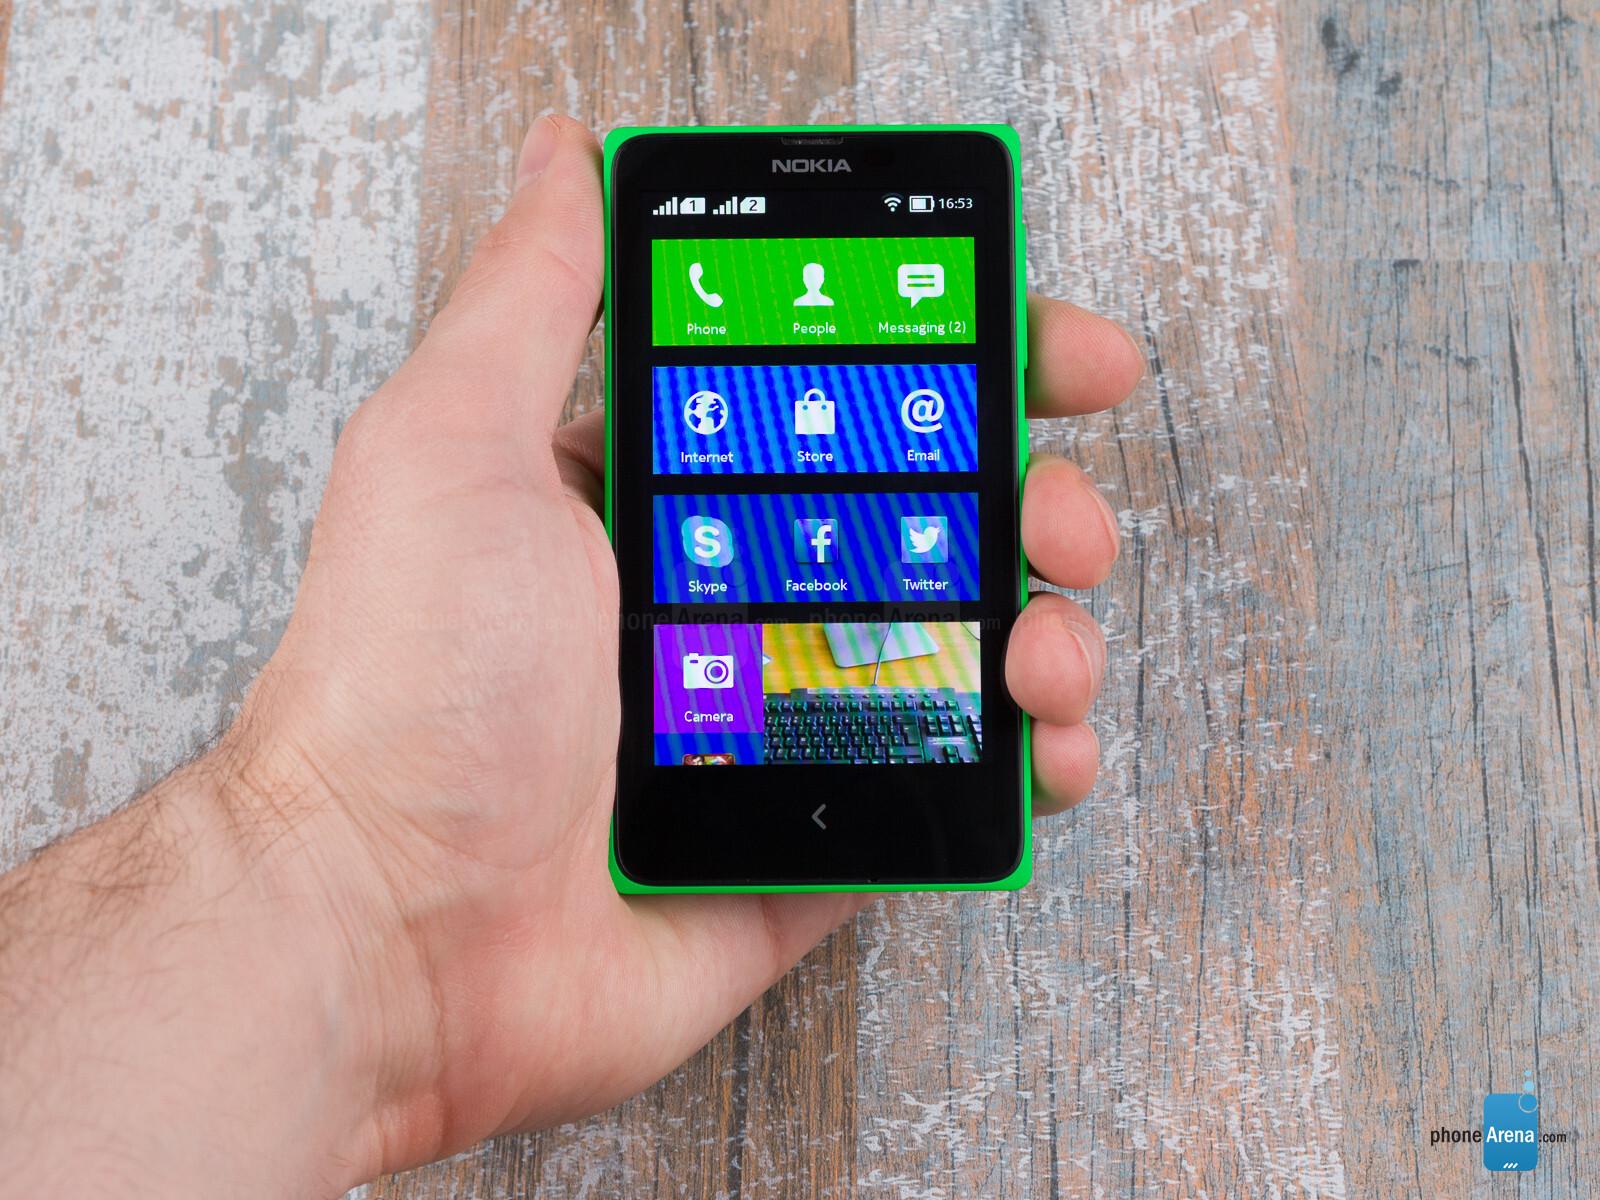 Sforum - Trang thông tin công nghệ mới nhất Nokias-Android-phones Nhìn lại 6 thất bại trên thị trường di động nửa đầu năm 2014